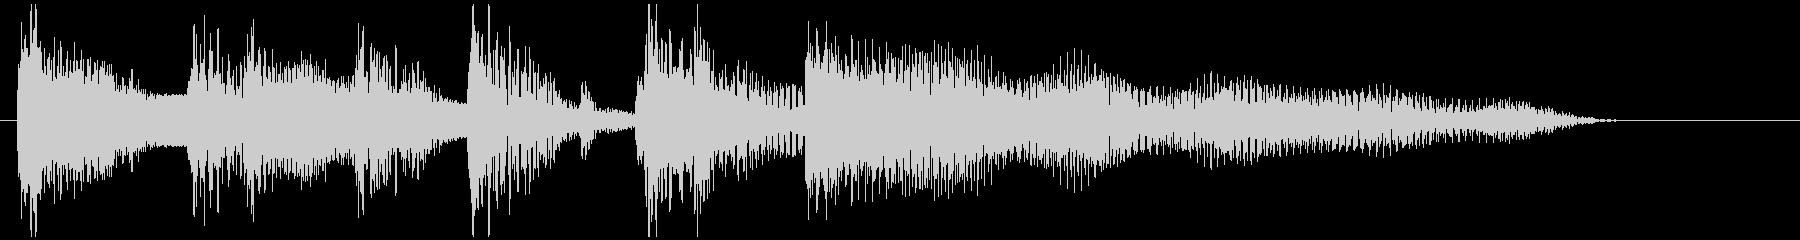 コント、スキットなどの導入ジングルの未再生の波形